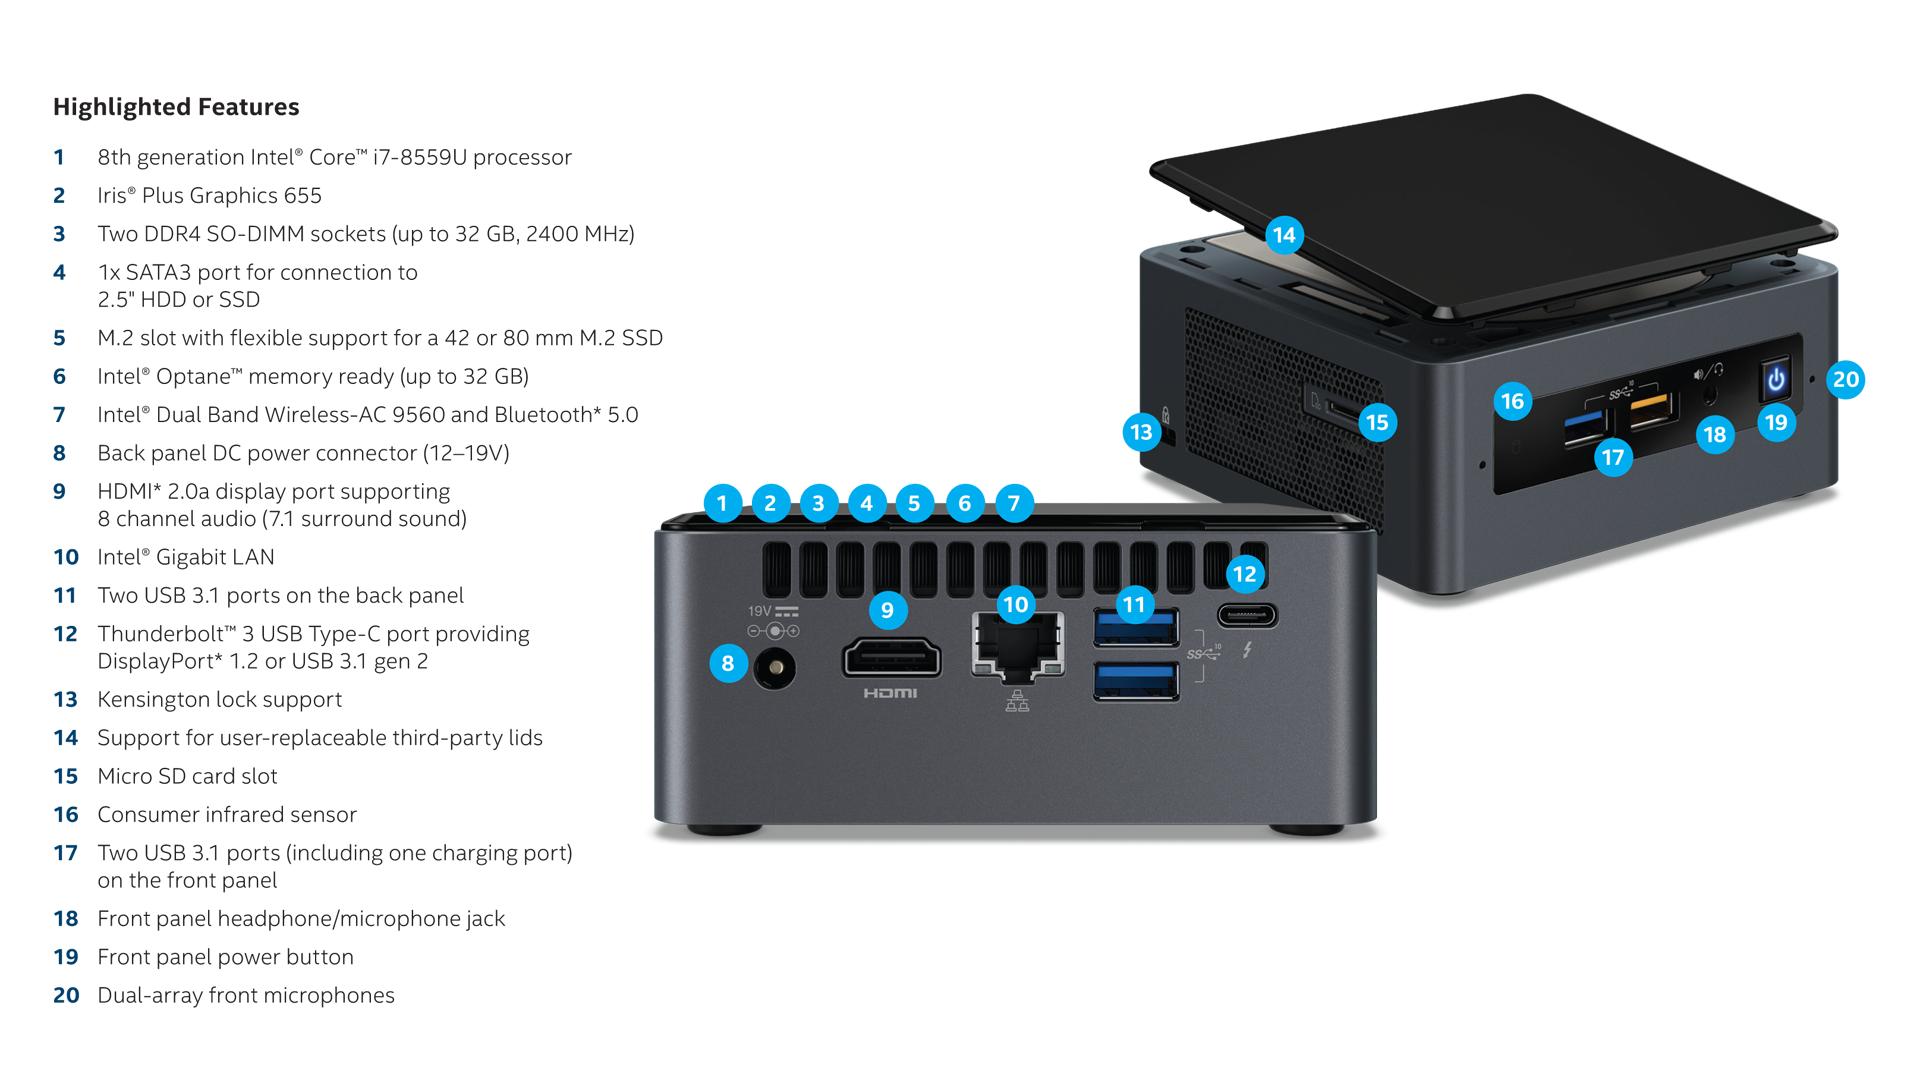 NUC8i7 features